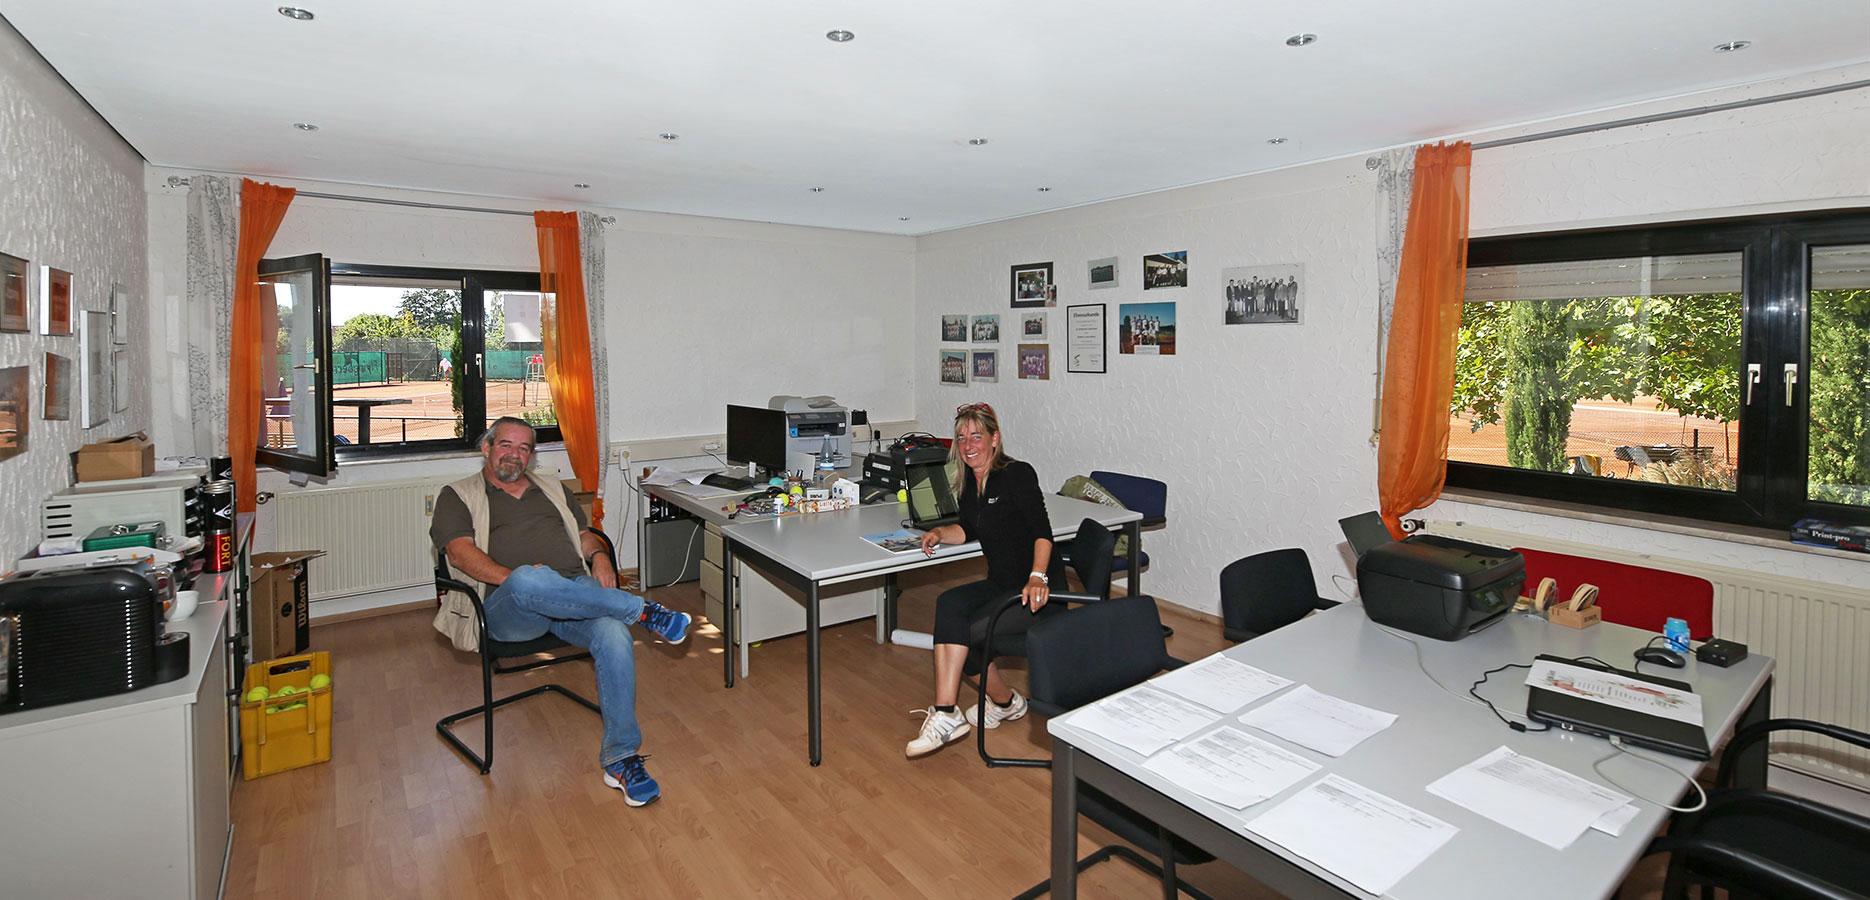 tennisclub-oppau-tennis-in-ludwigshafen-vorstand